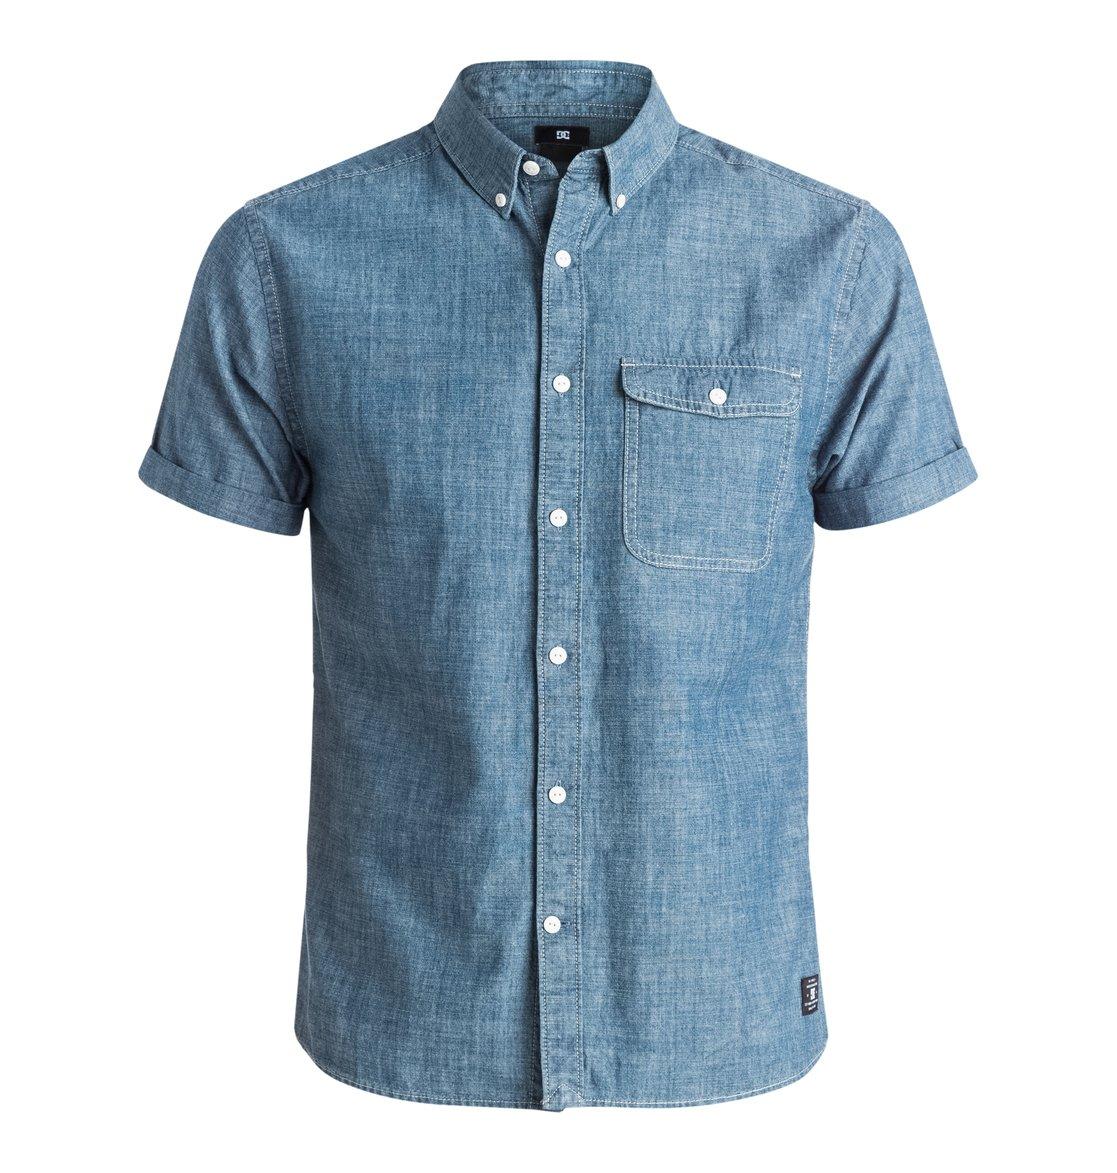 Riot Van Short Sleeve ShirtМужская рубашка с коротким рукавом Riot Van от DC Shoes. <br>ХАРАКТЕРИСТИКИ: стандартный крой, хлопок-шамбре, нагрудный карман, воротник на пуговицах. <br>СОСТАВ: 100% хлопок.<br>